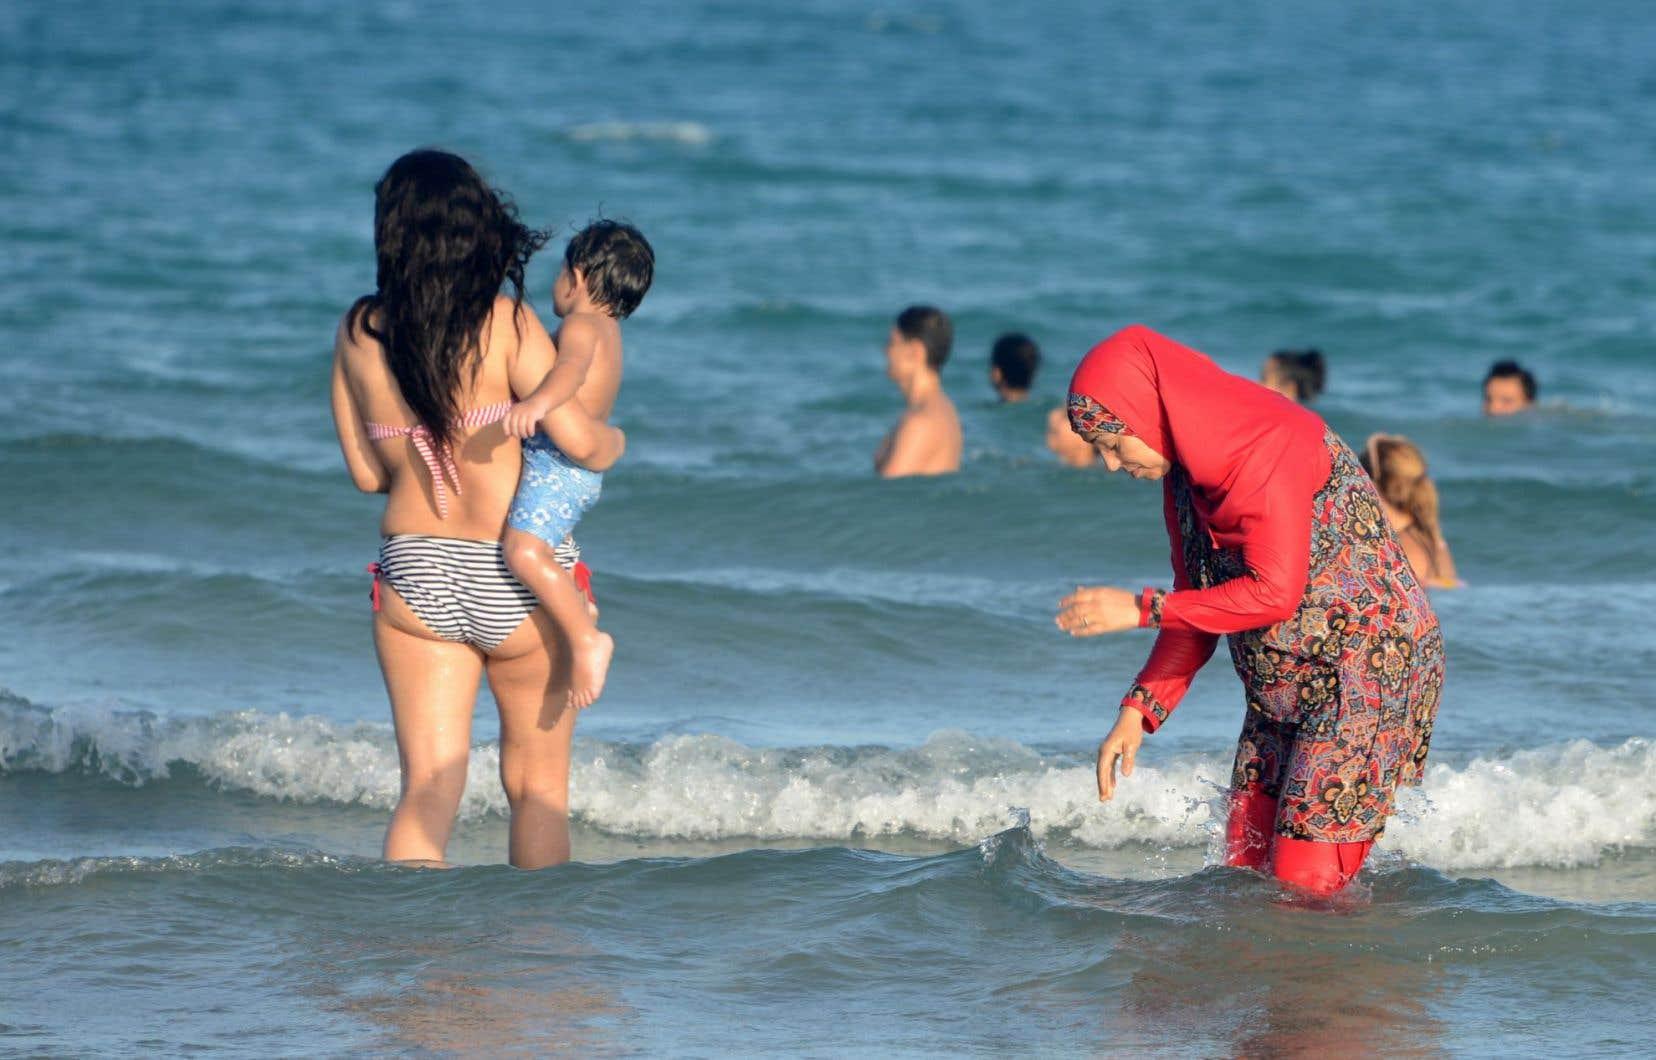 Une femme portant un burkini se baigne en Tunisie.